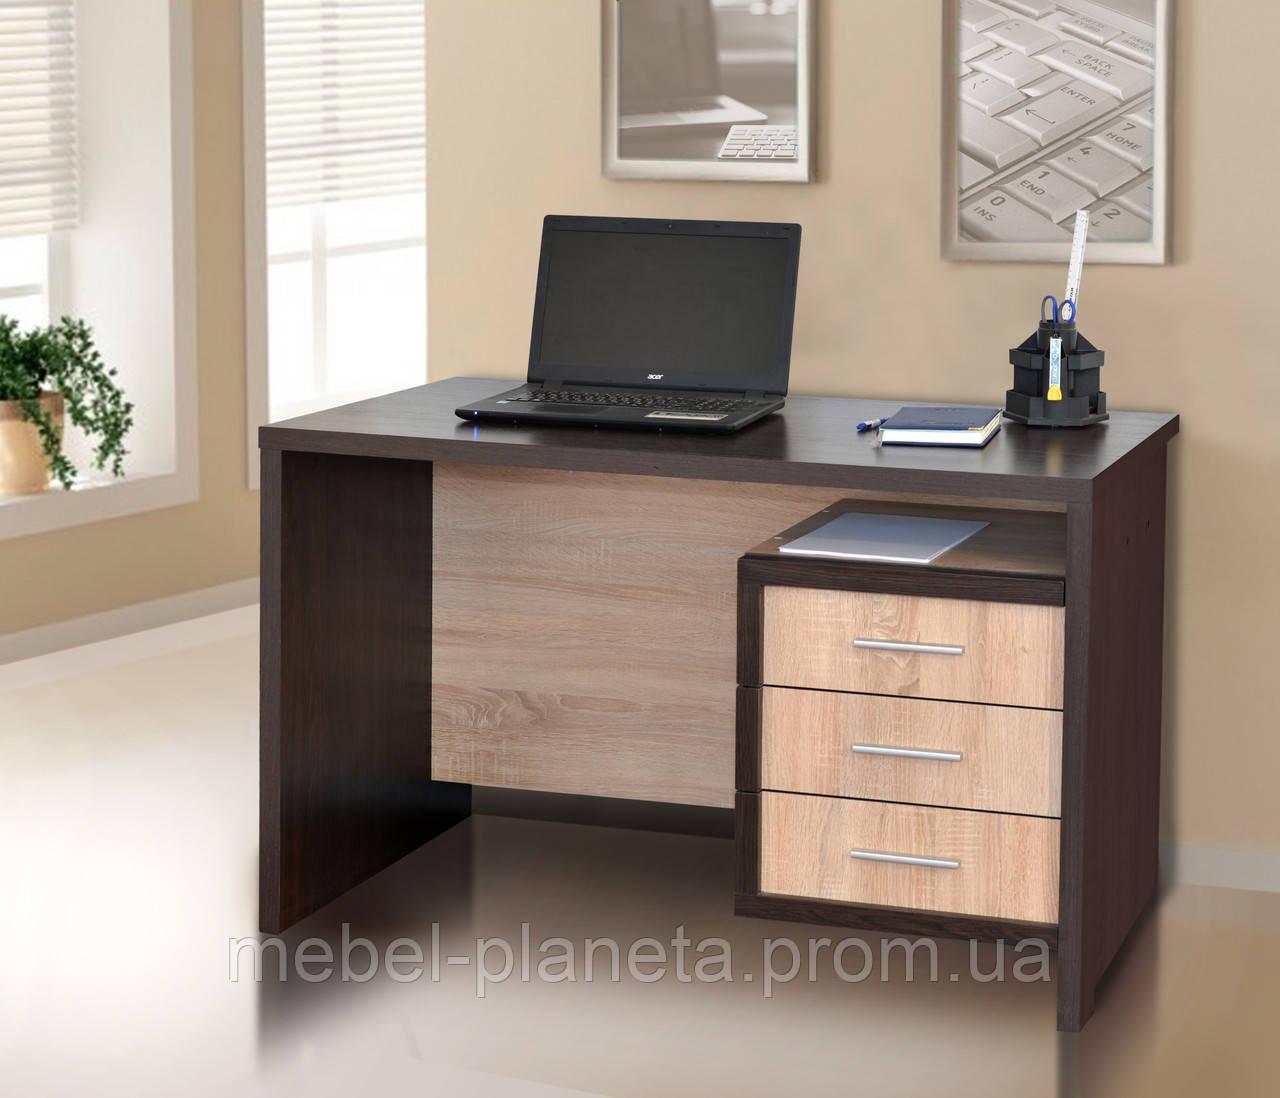 Компьютерный стол Кубик 2 Летро